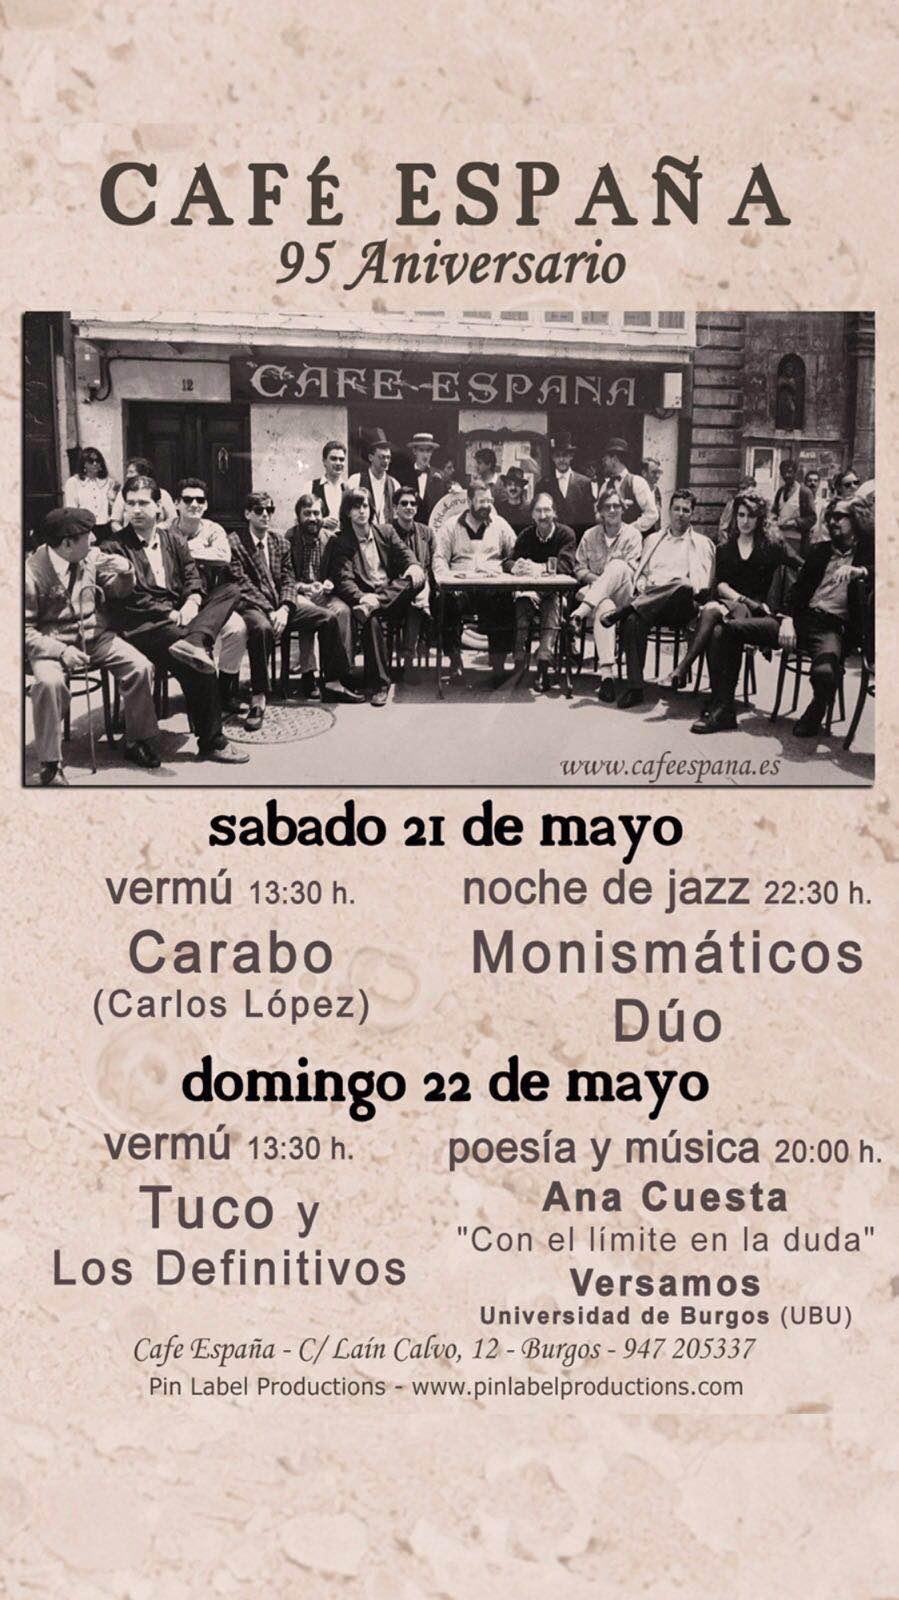 Festival 95 Aniversario Café España